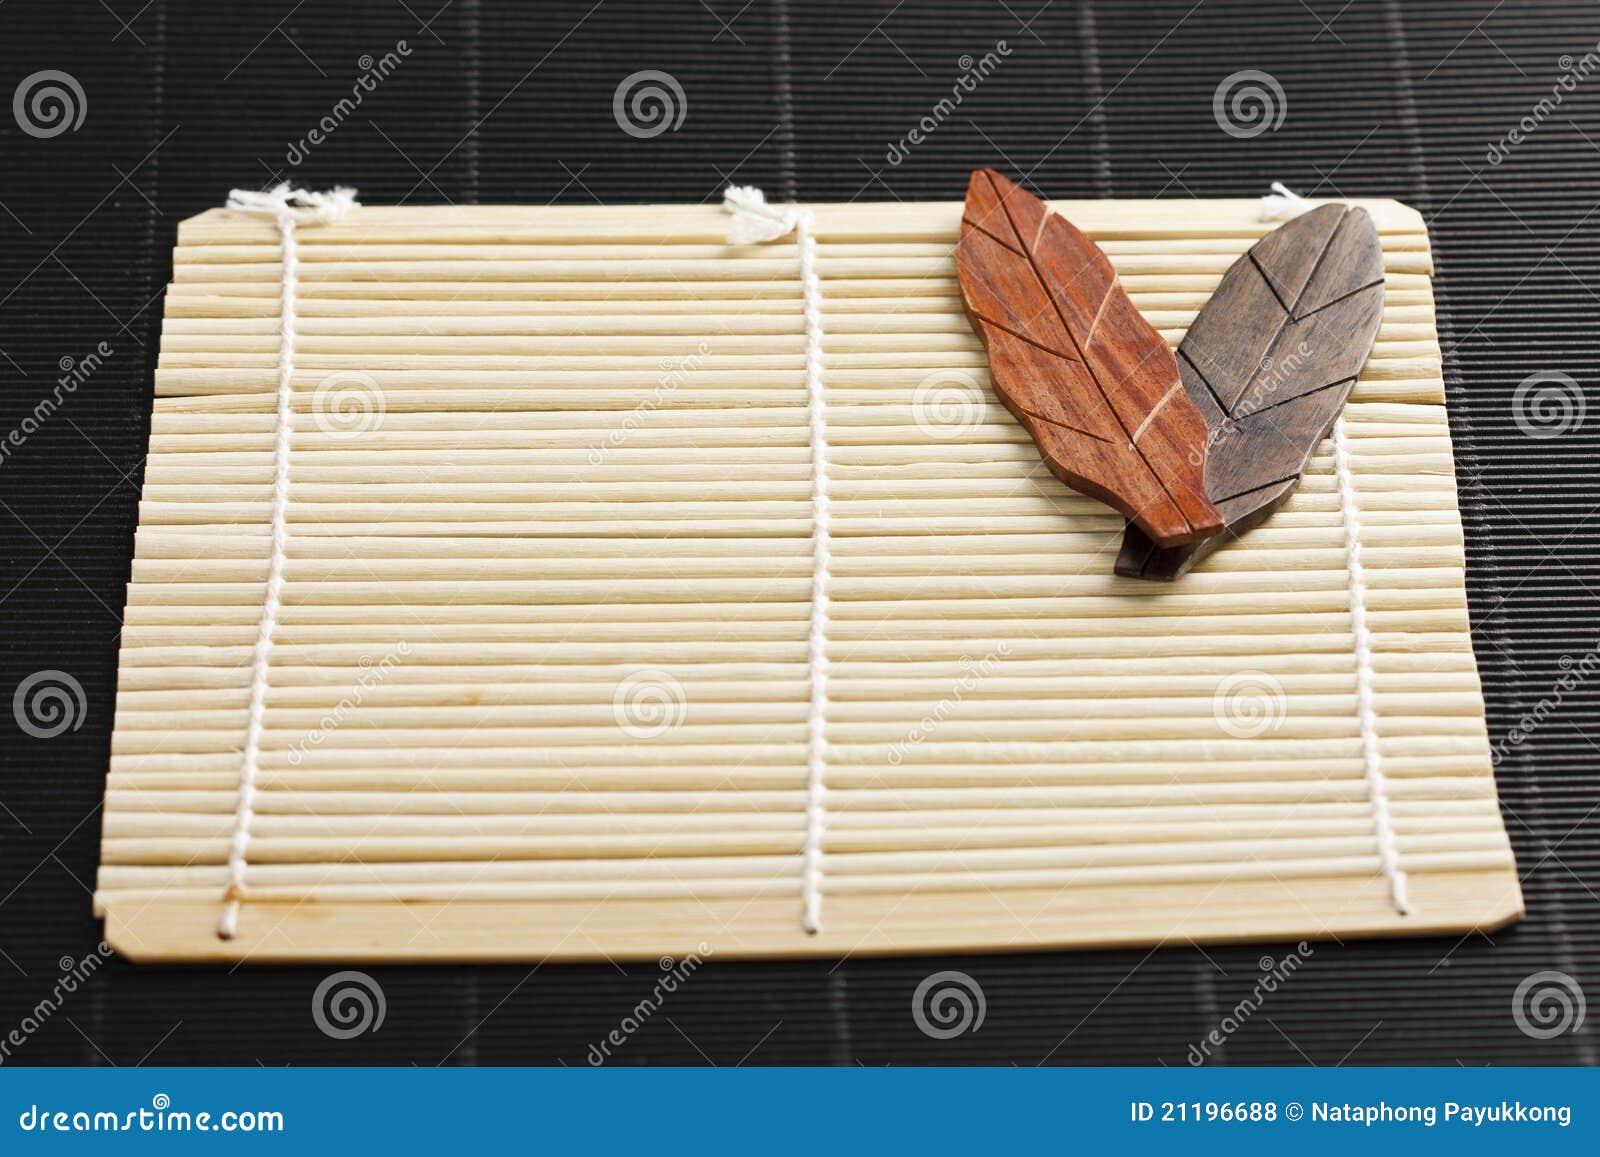 bambusplatte stockfoto. bild von orientalisch, mahlzeit - 21196688